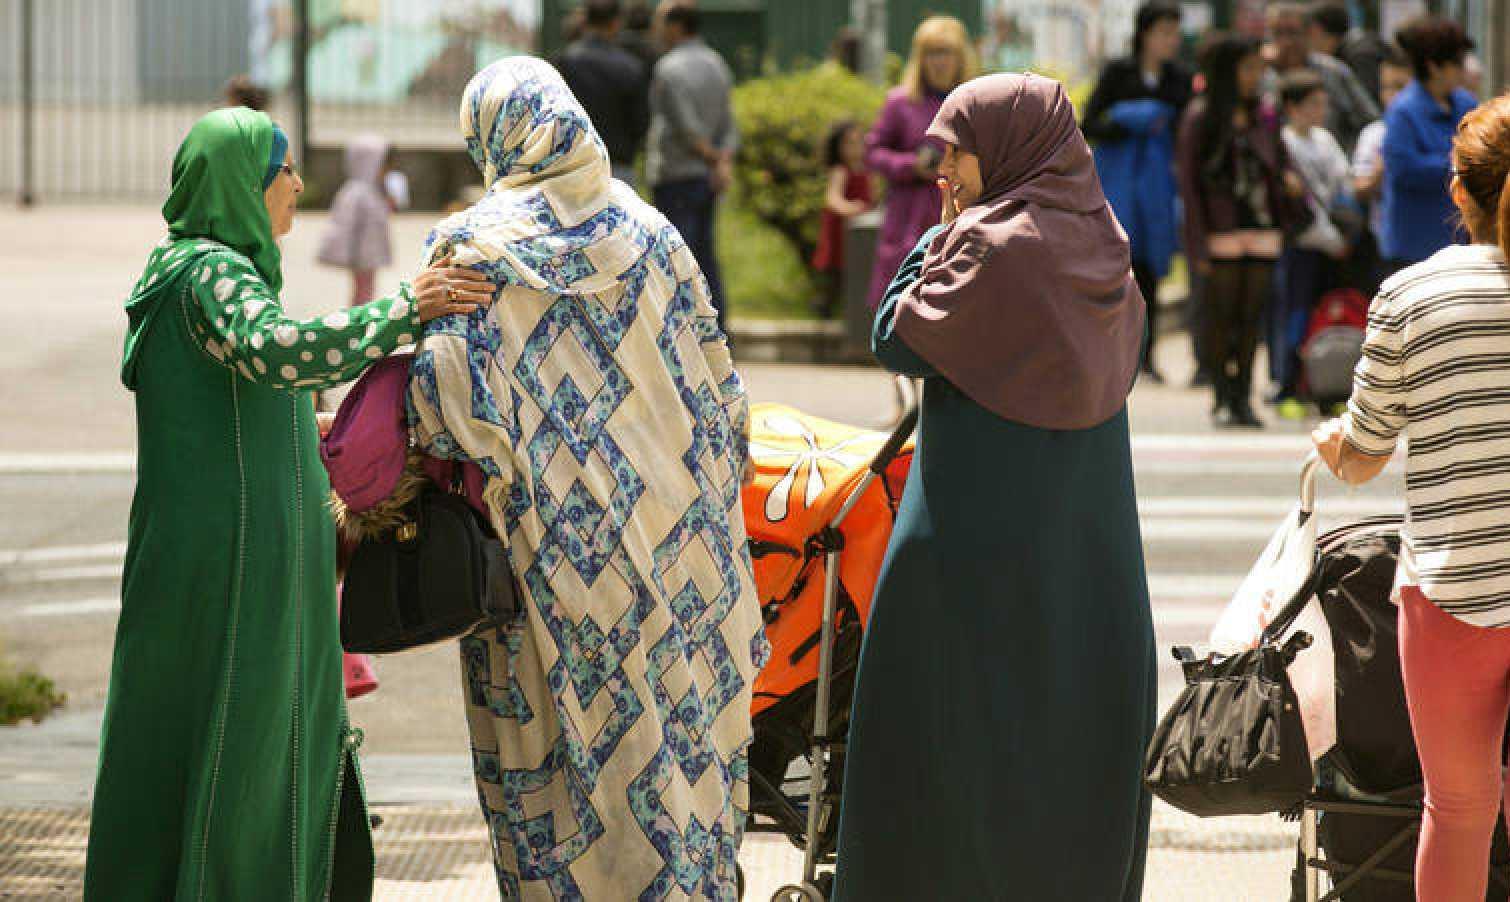 روبورتاج...كيف يعيش مسلمو إسبانيا أجواء رمضان في ظل استمرار الجائحة؟